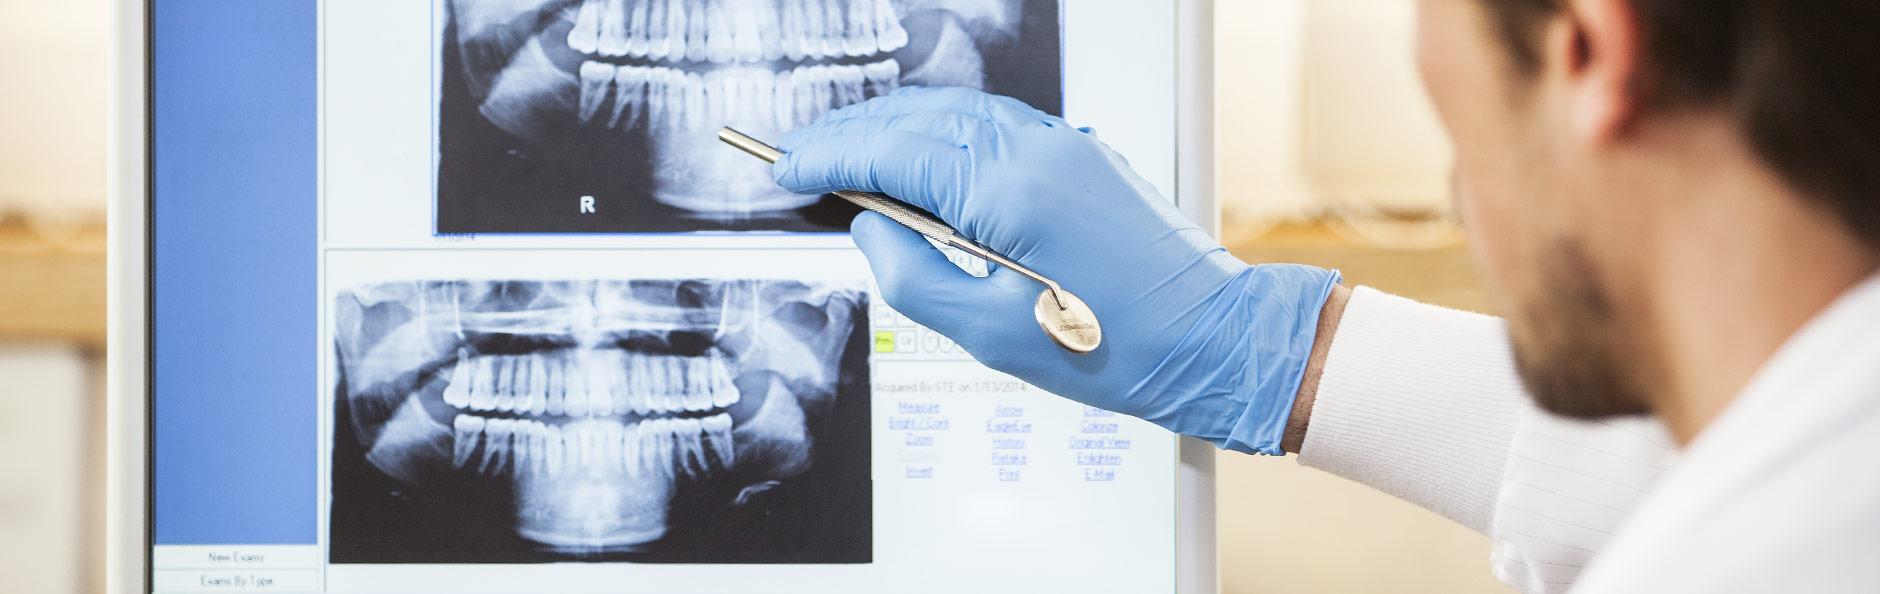 Quy trình phẫu thuật hàm hô như thế nào?